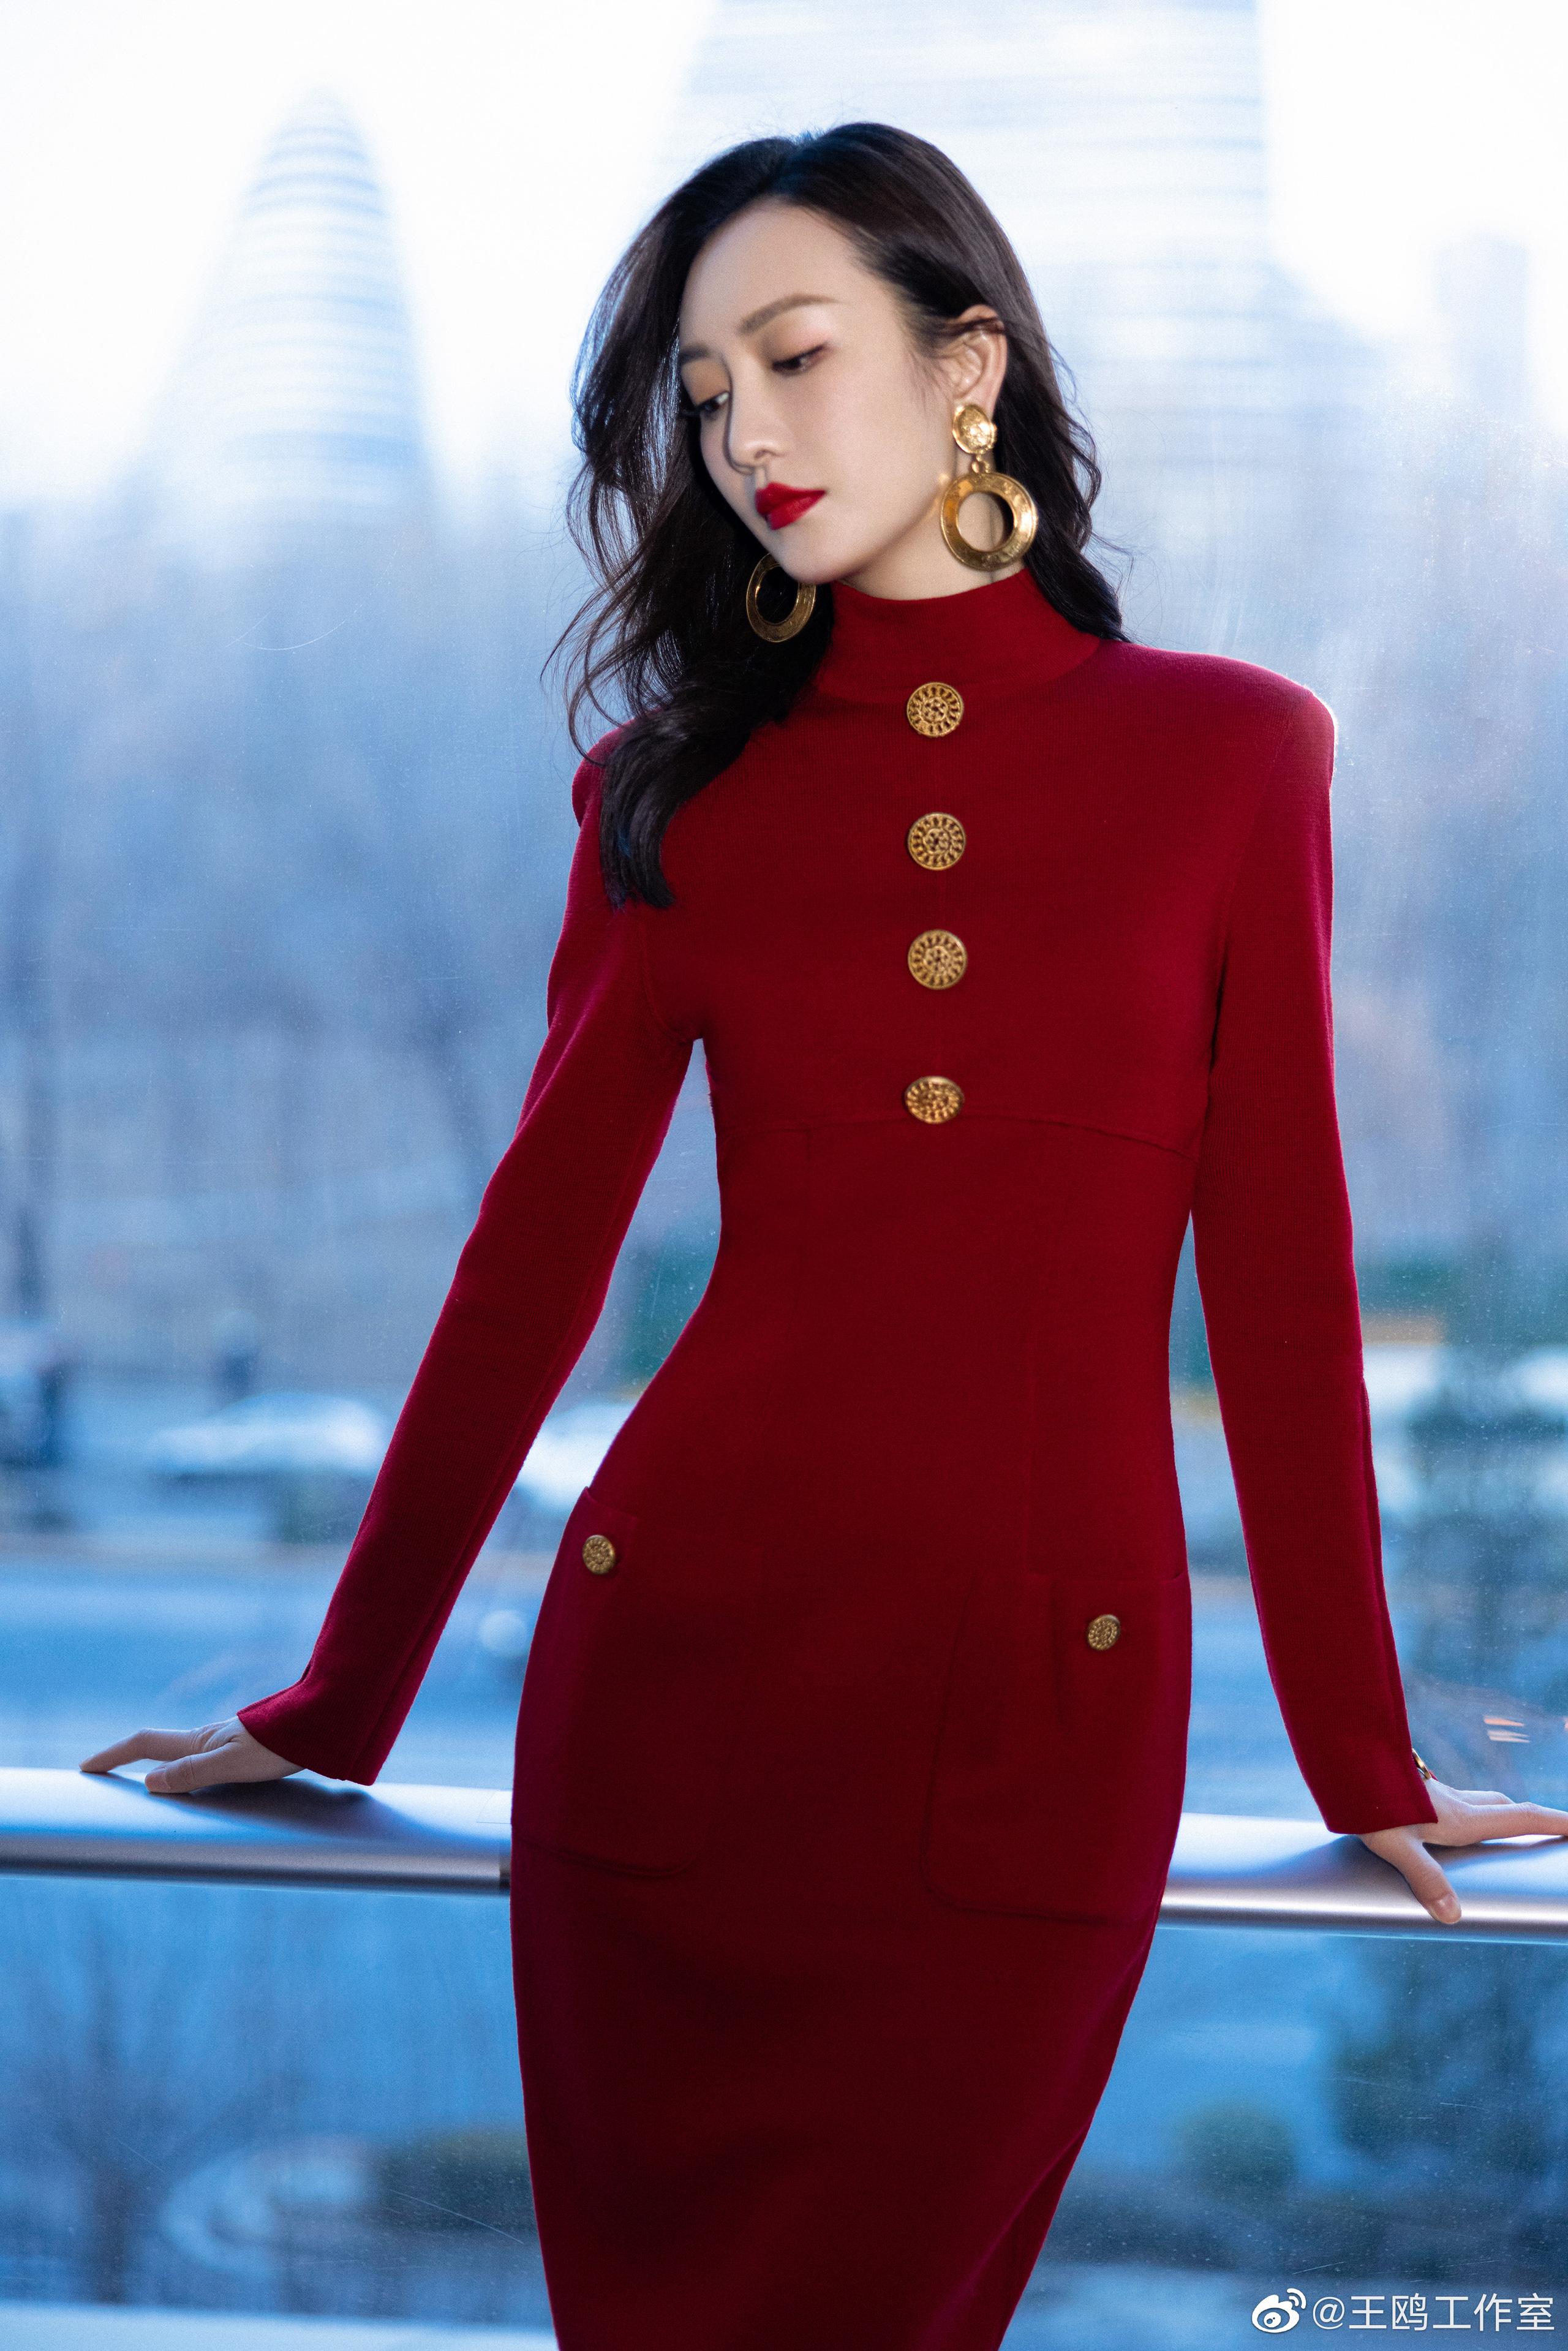 """""""Tình địch của Dương Mịch"""" đã U40 vẫn trẻ trung như gái 20, nhờ món thời trang này mà vừa trẻ lại vừa sang - Ảnh 1."""